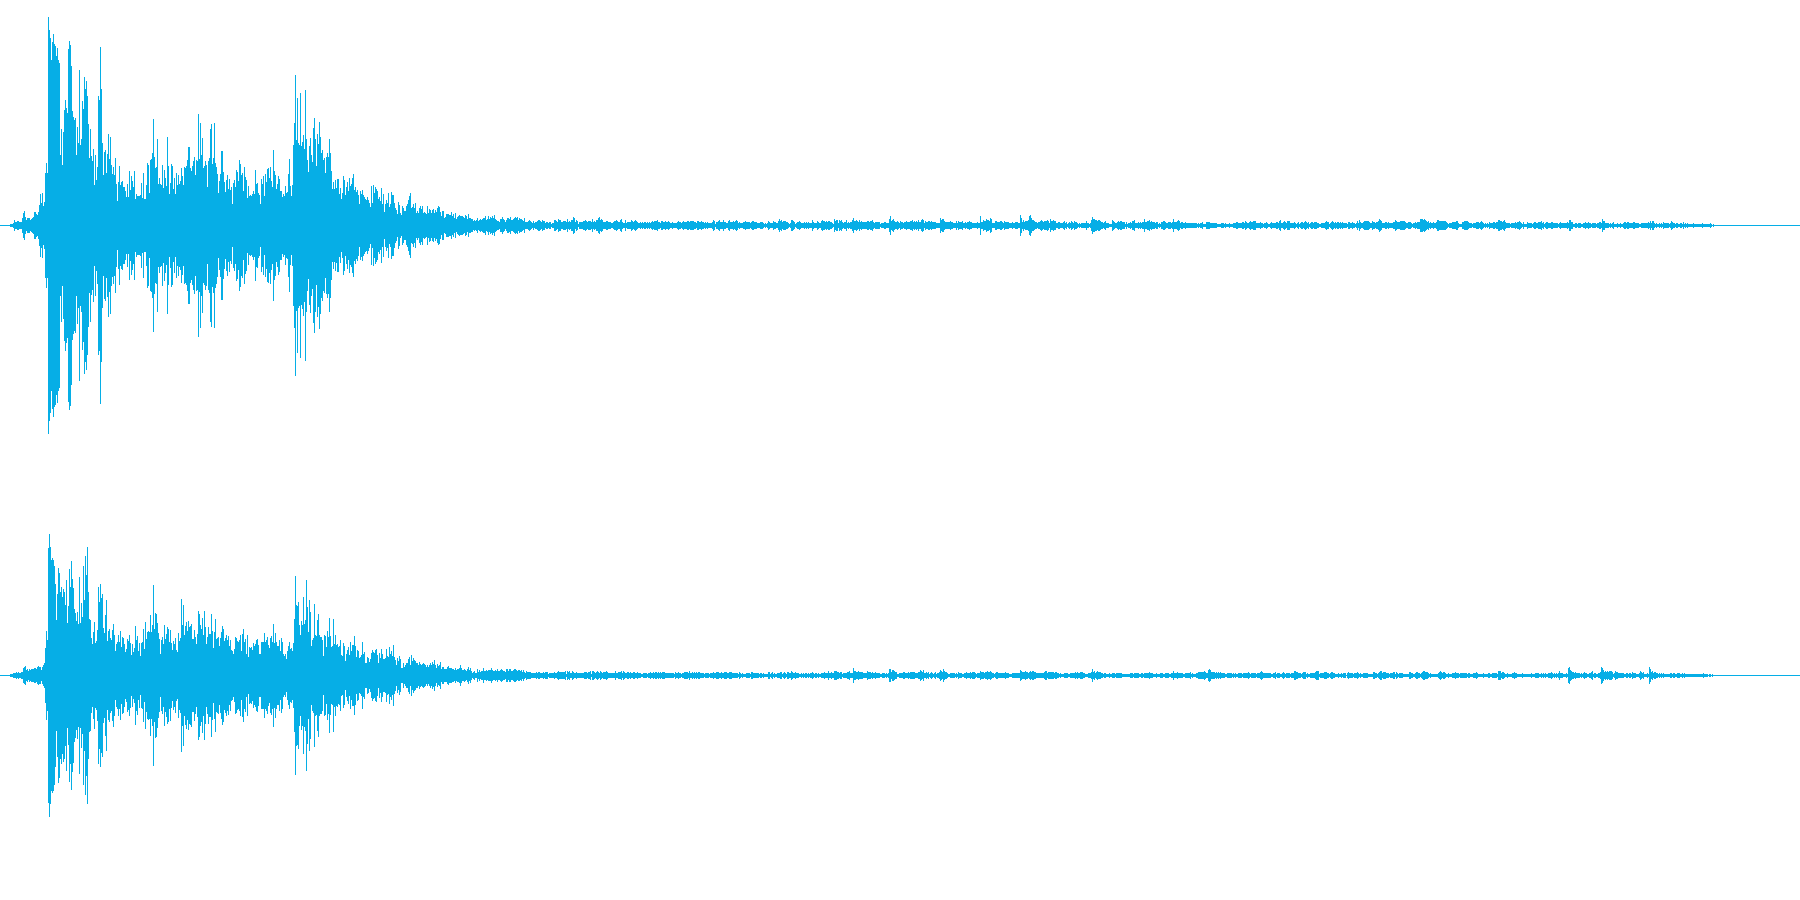 バシャッという水滴落下の音の再生済みの波形